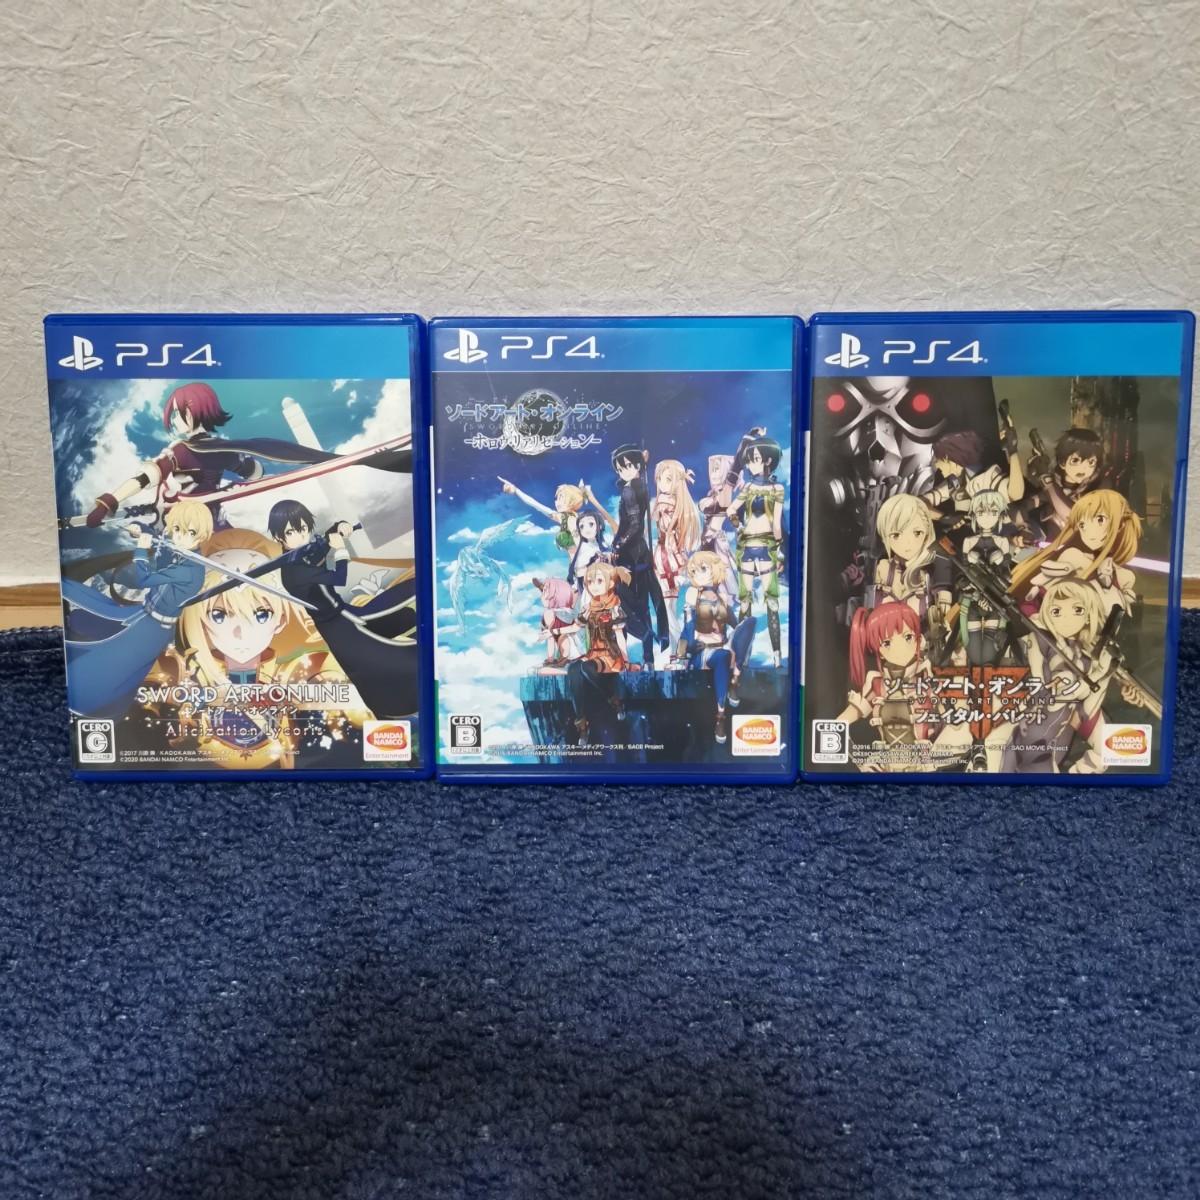 PS4ソフト ソードアート・オンライン 3作品セット♪♪